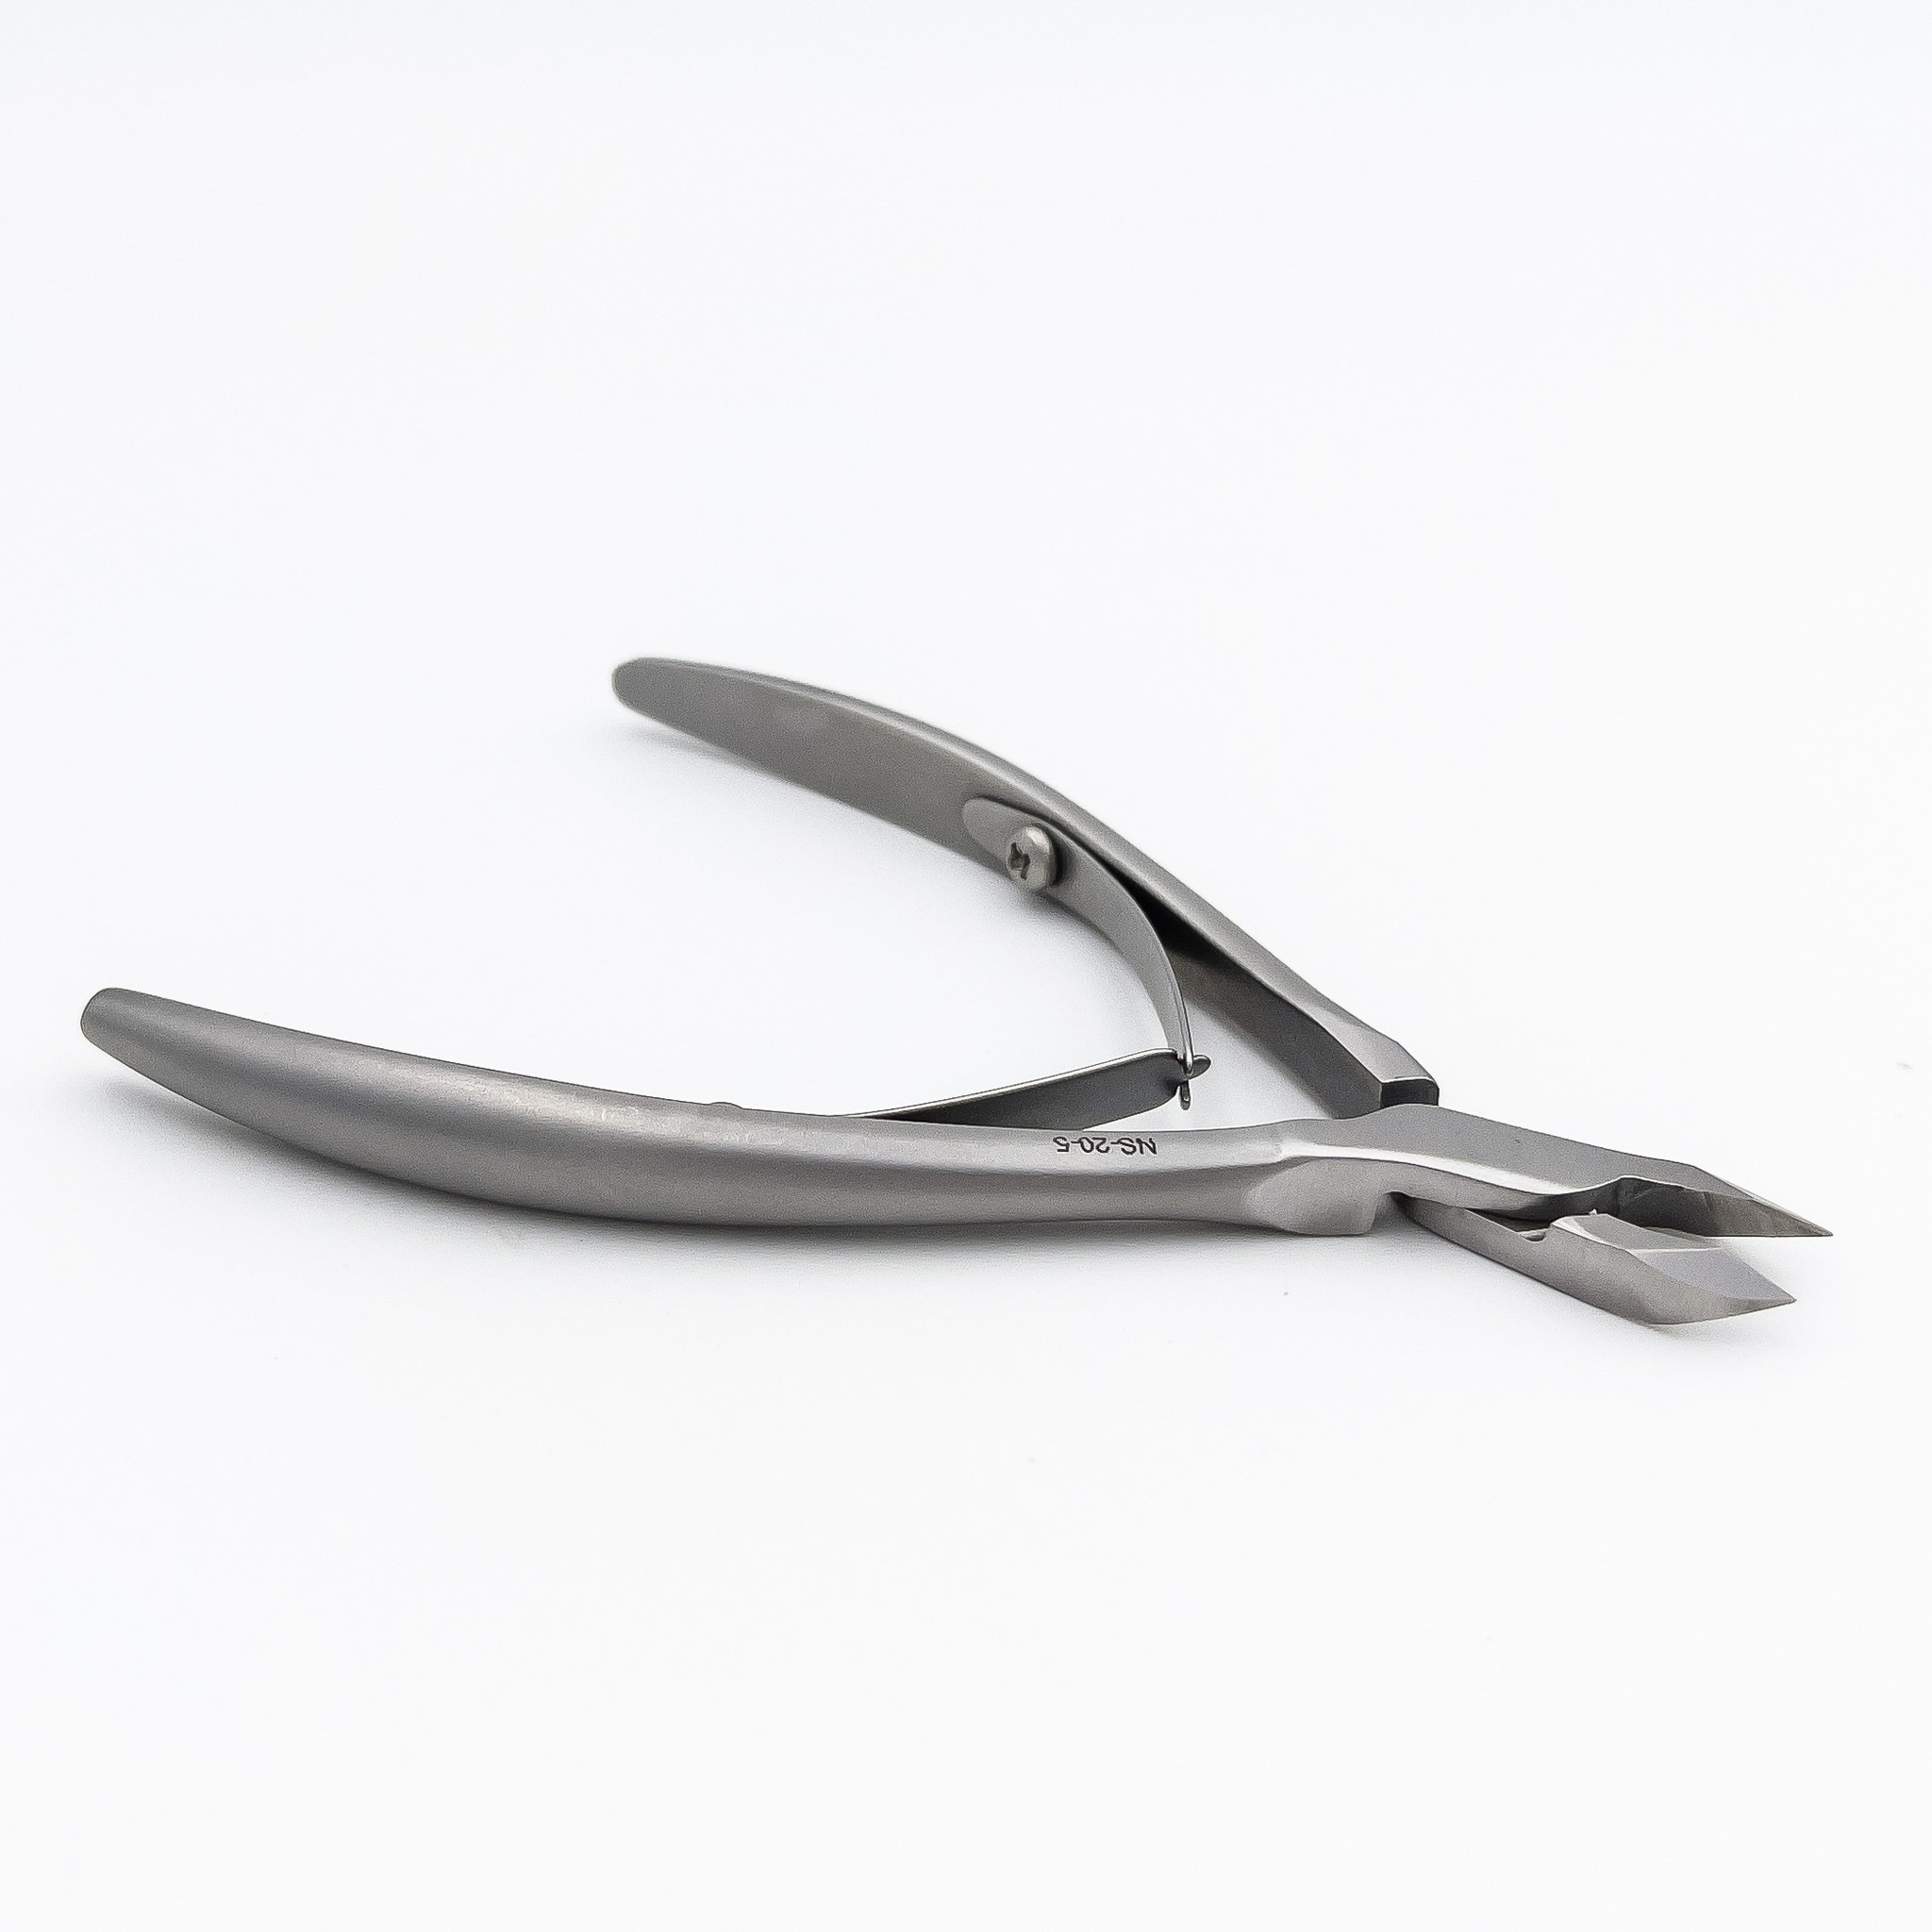 STALENA Pince à peau 5 mm - poignée longue KE-05 (N5-20-5)